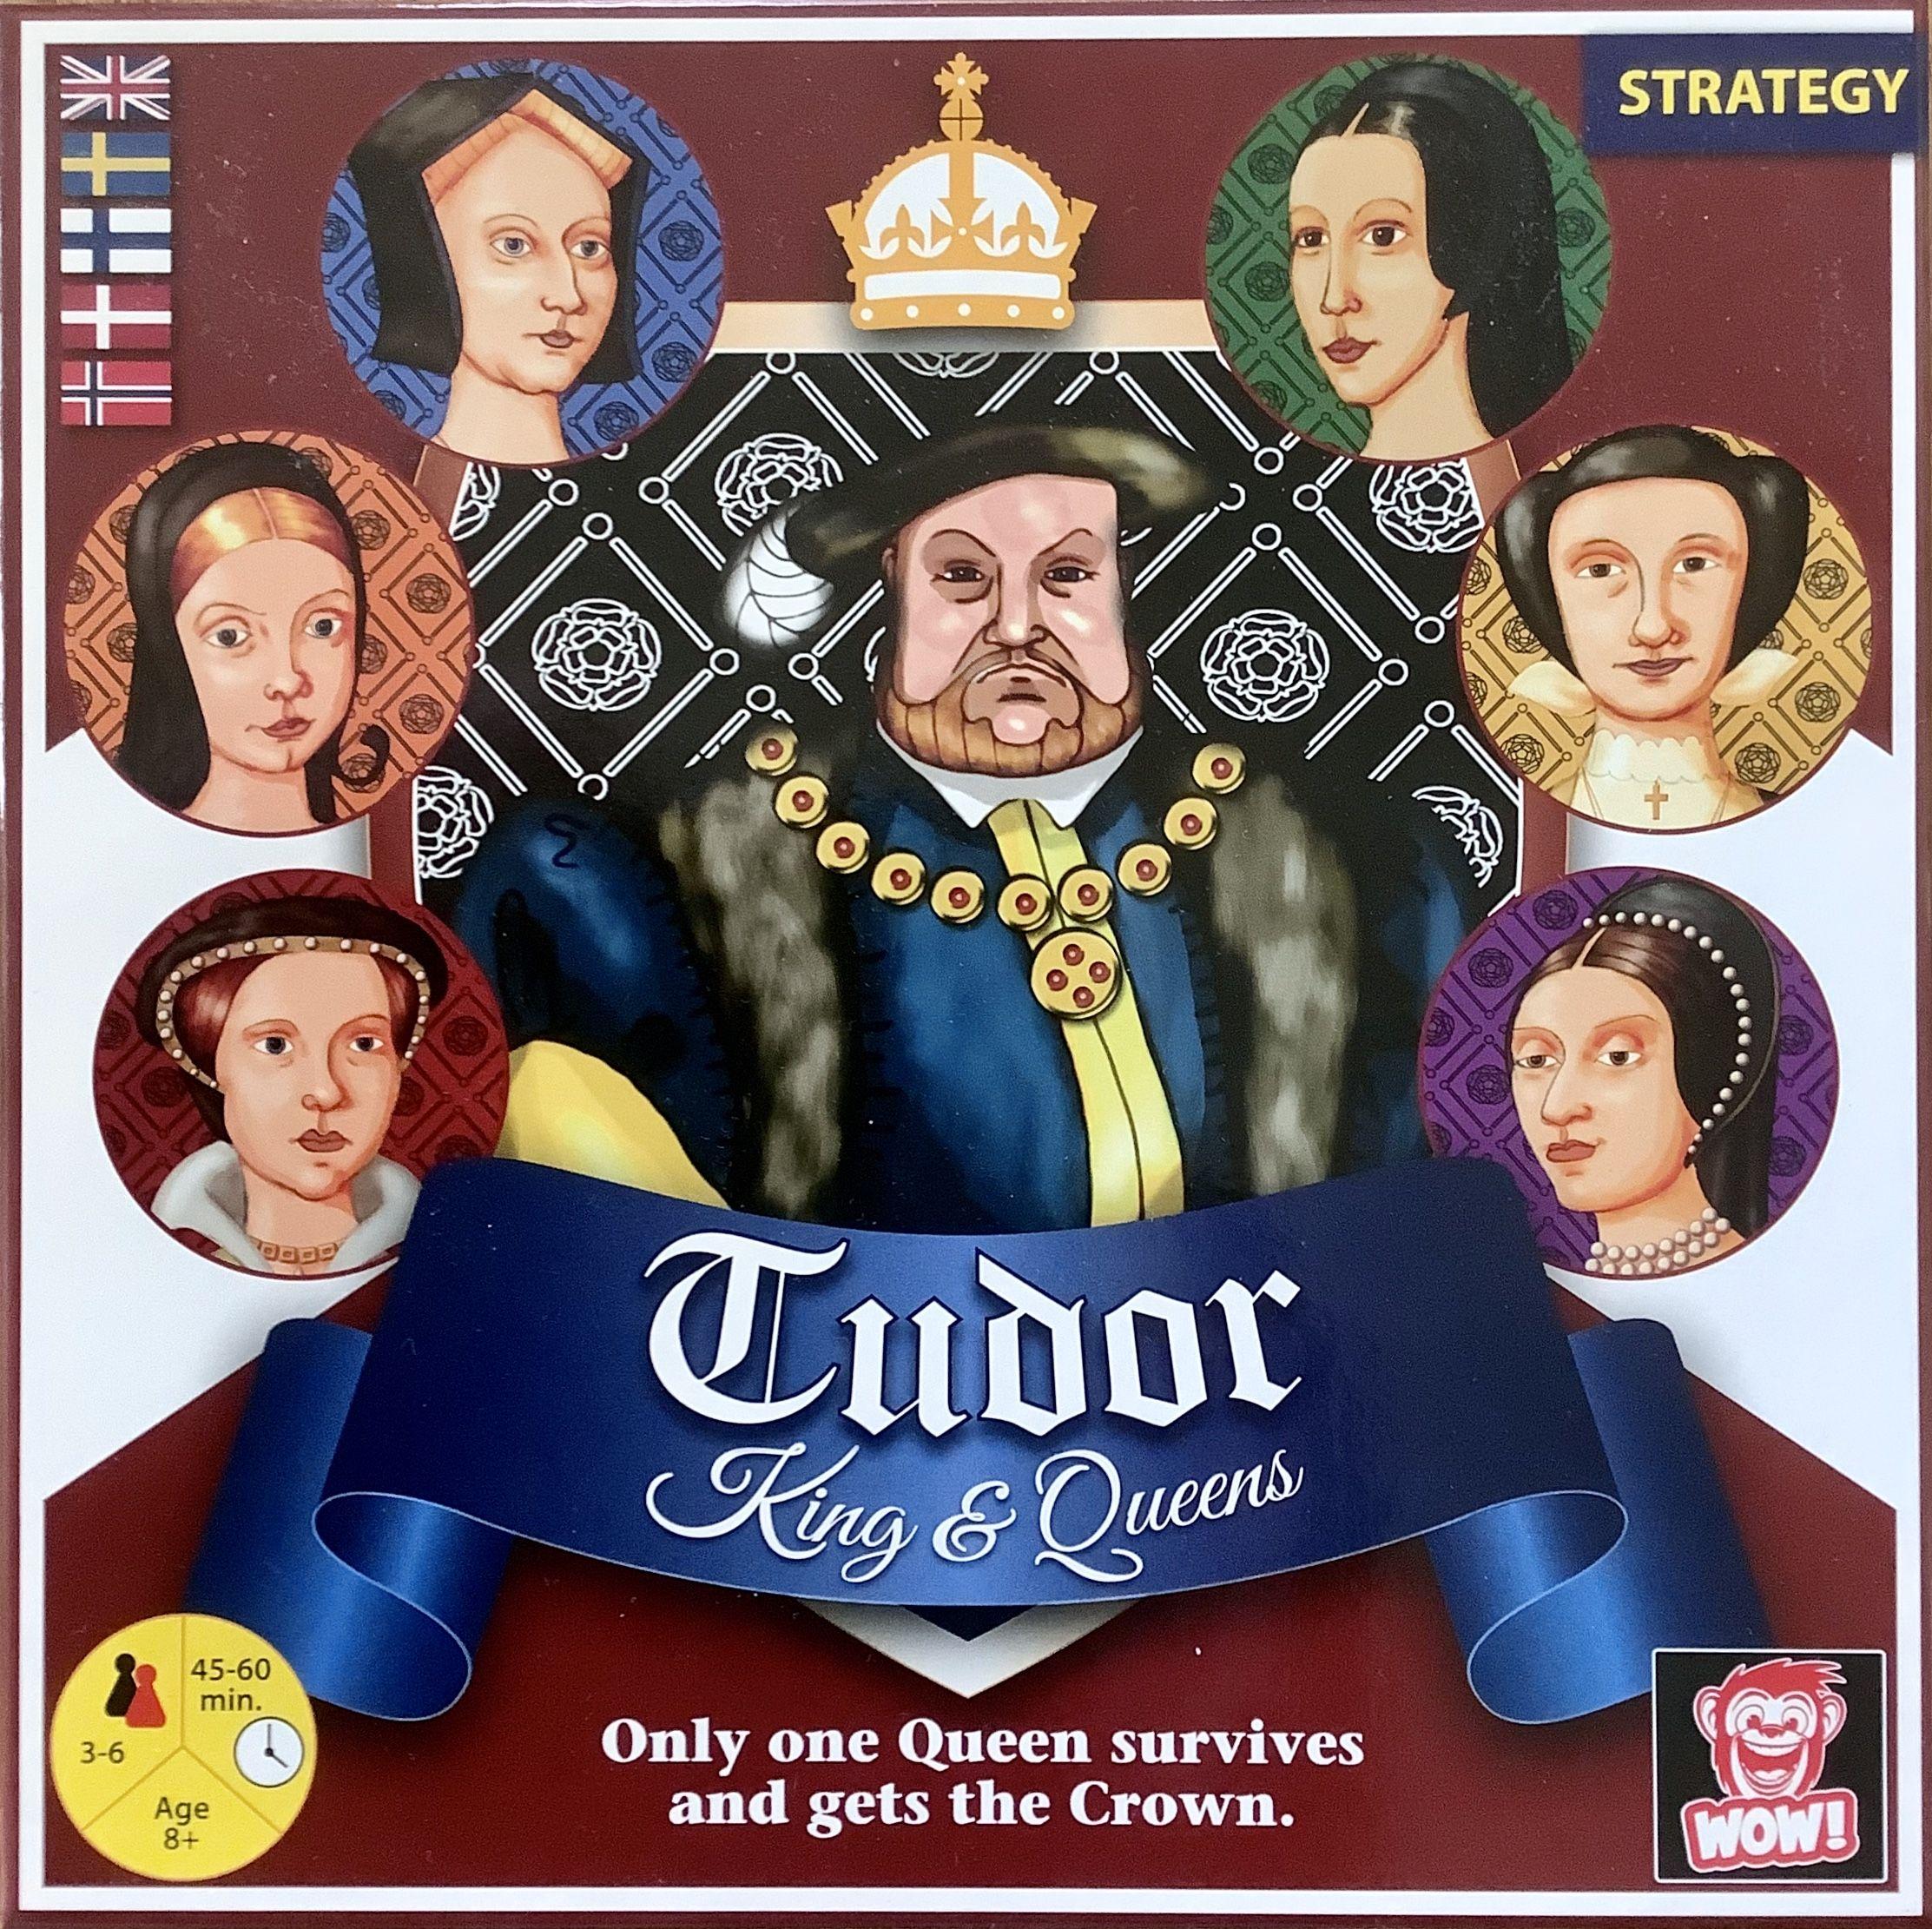 Tudor King & Queens